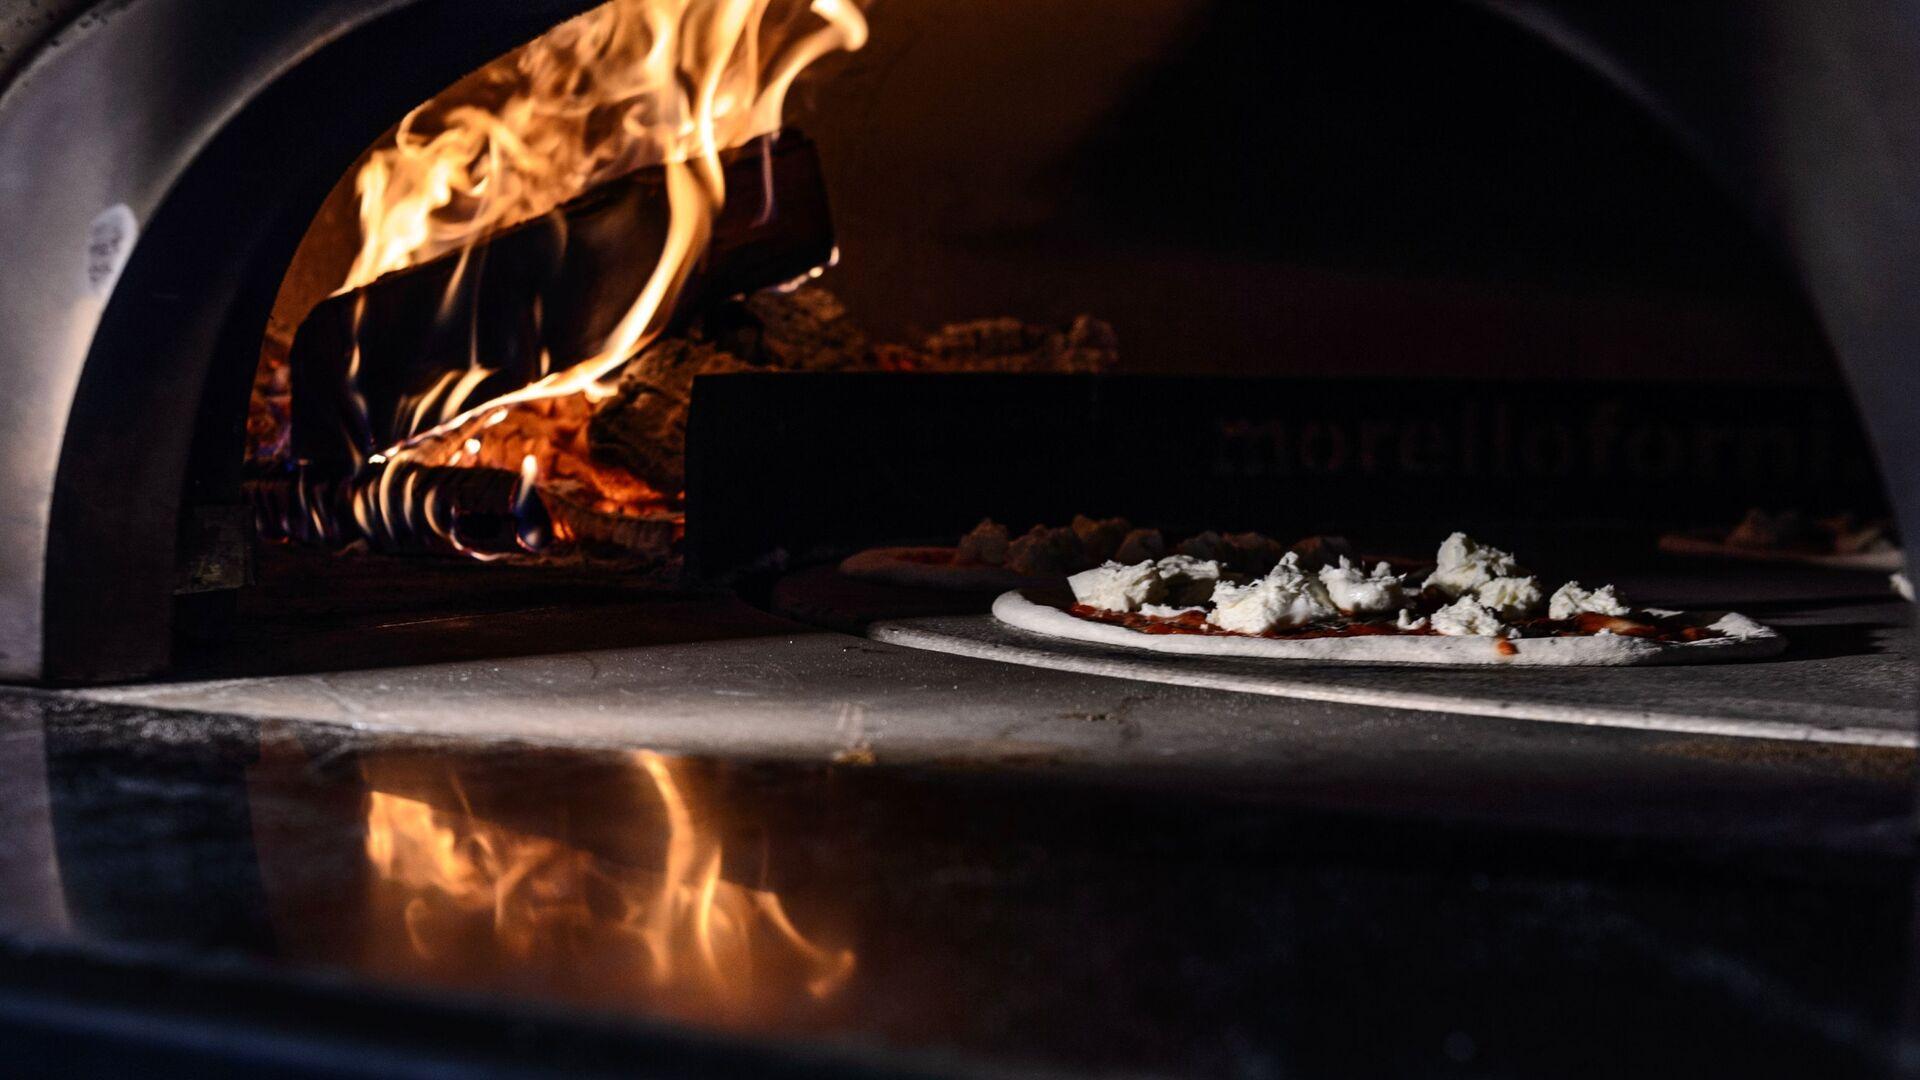 Una pizza nel forno - Sputnik Italia, 1920, 05.07.2021